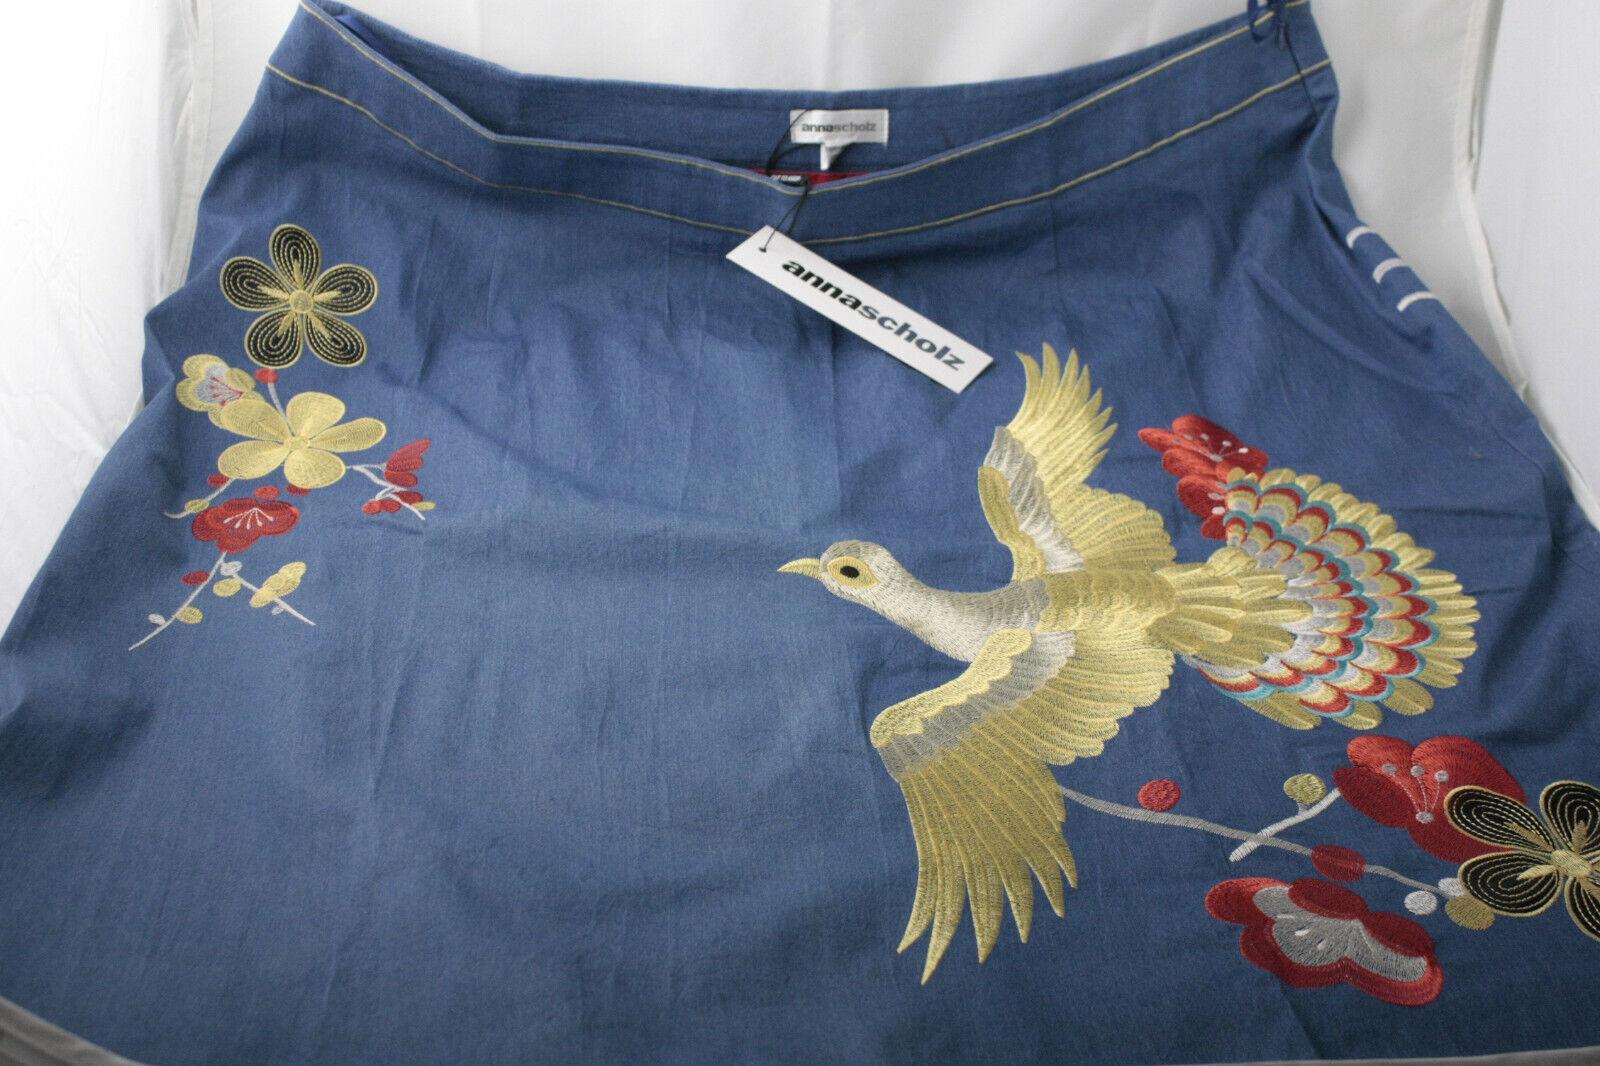 Anna Scholz plus Größe designer skirt BNWT Blau with exotic bird embroidery